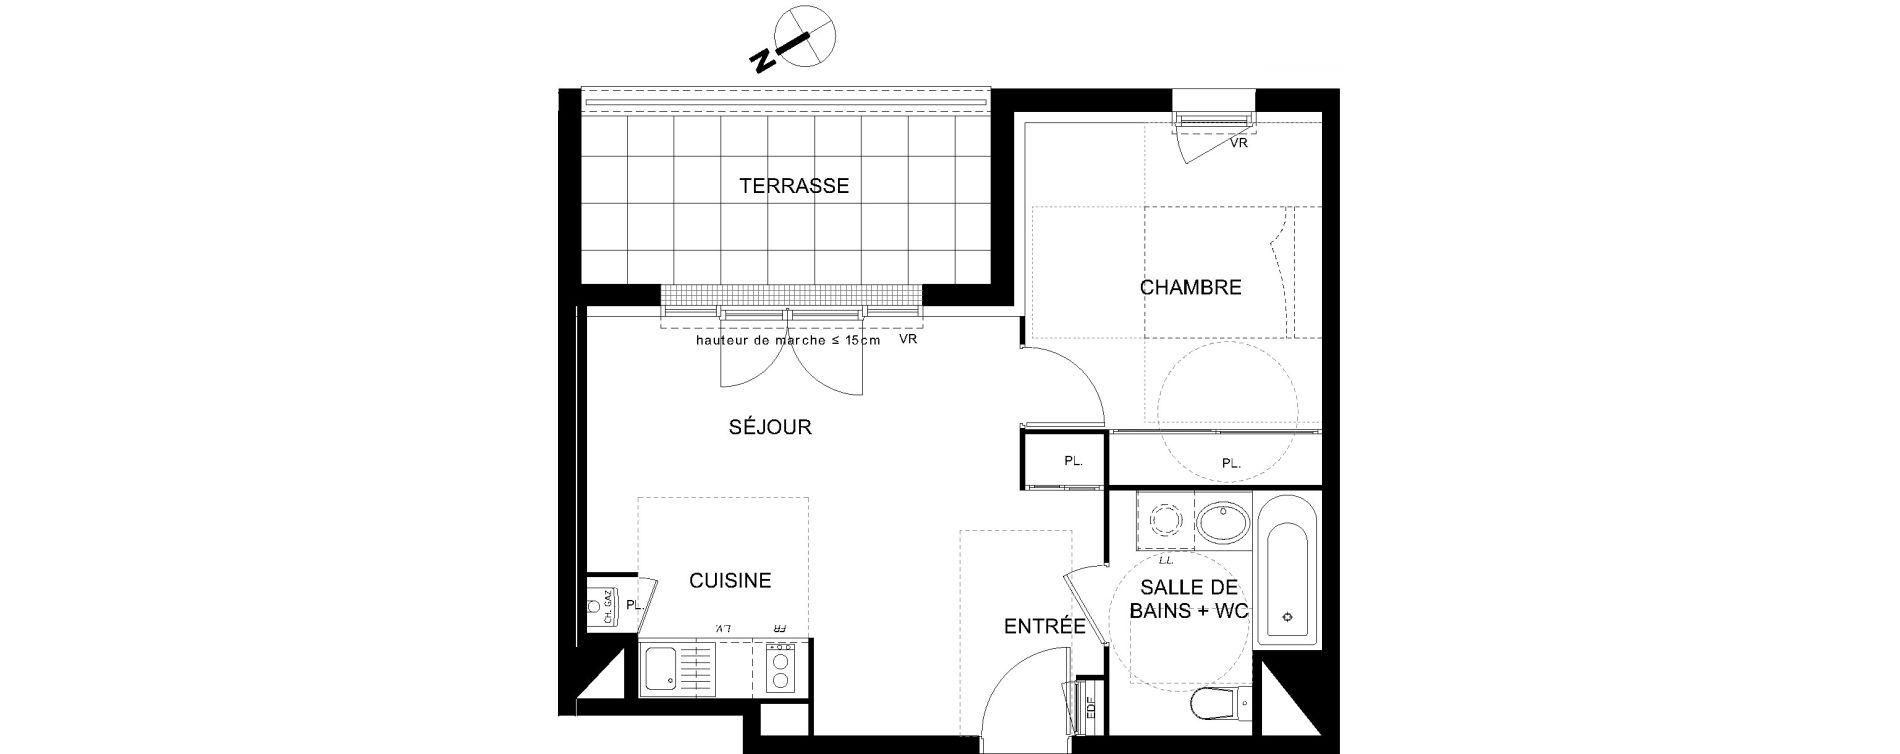 Appartement T2 de 39,10 m2 à Castanet-Tolosan Castanet tolosan centre